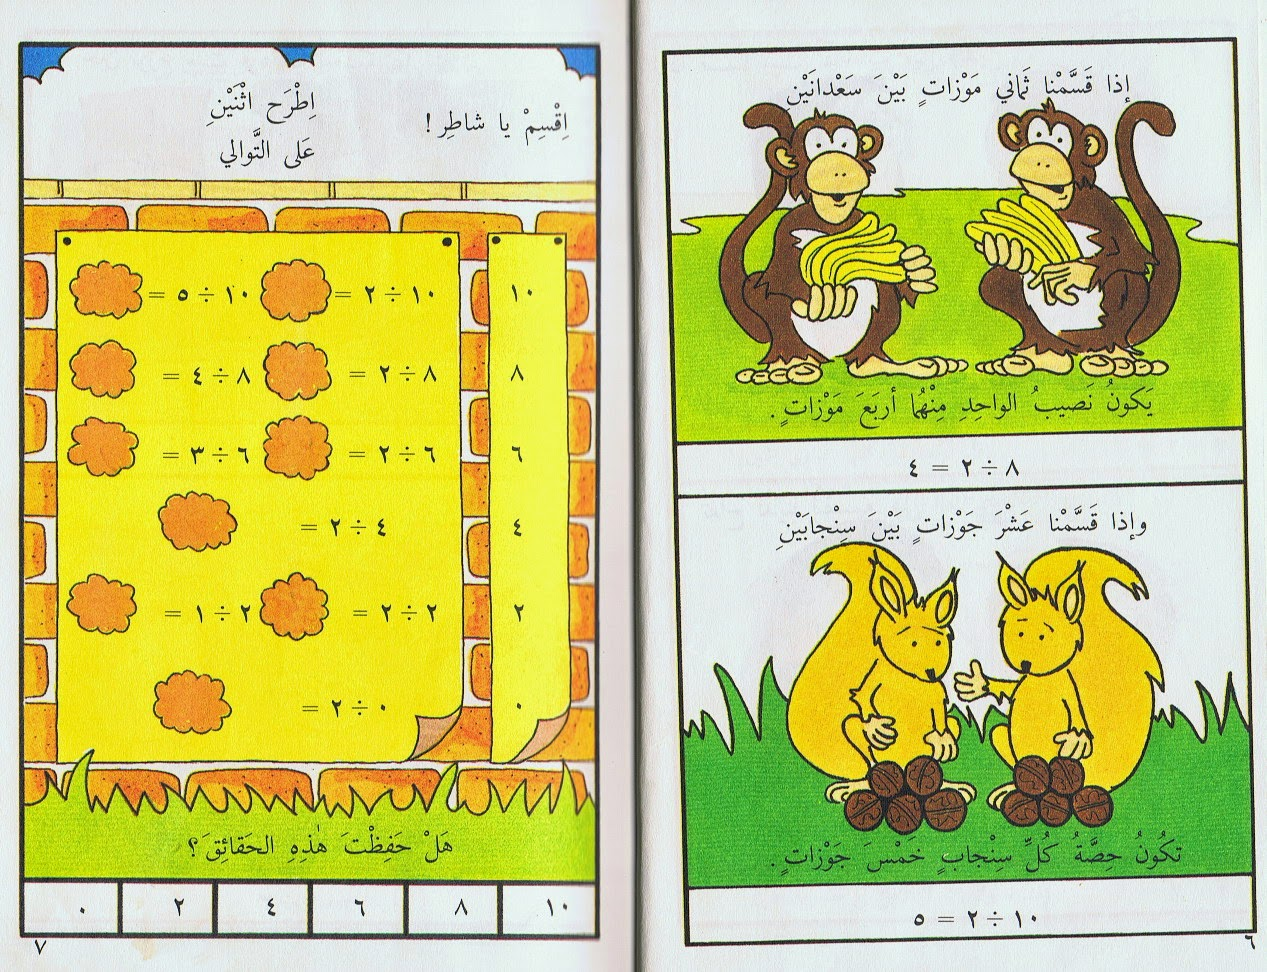 كتاب تعليم القسمة لأطفال الصف الثالث بالألوان الطبيعية 2015 CCI05062012_00033.jp